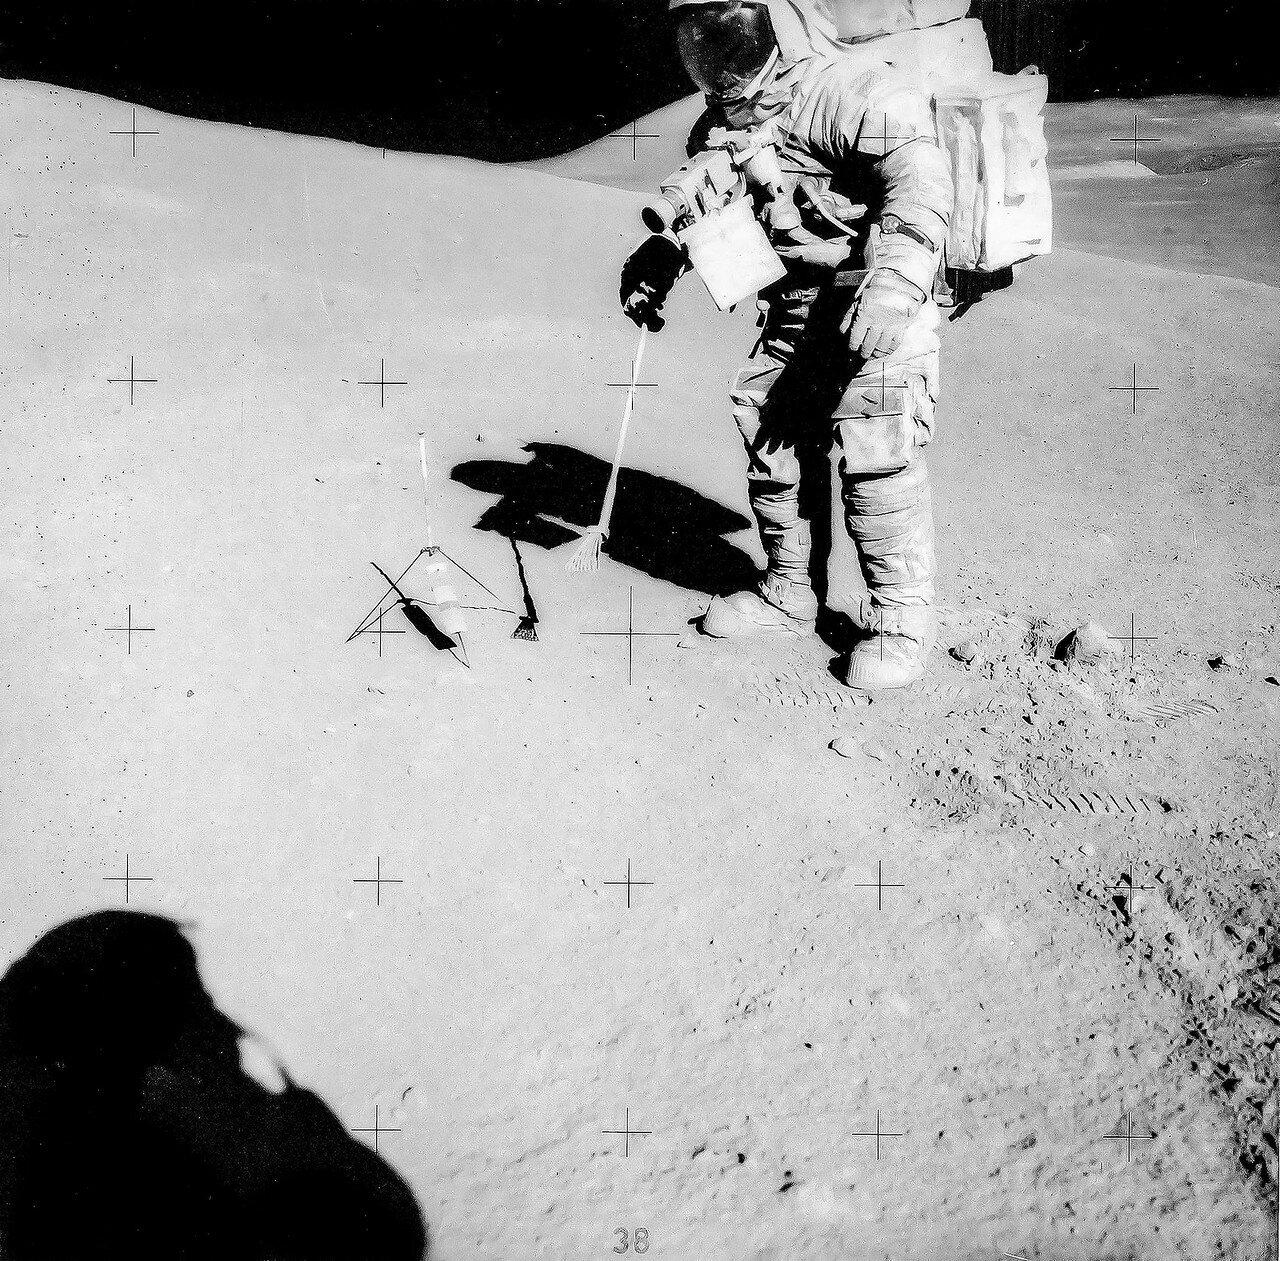 Астронавты собирали образцы камней и грунта, одновременно фотографируя и описывая те детали, которые не могла передать телевизионная картинка